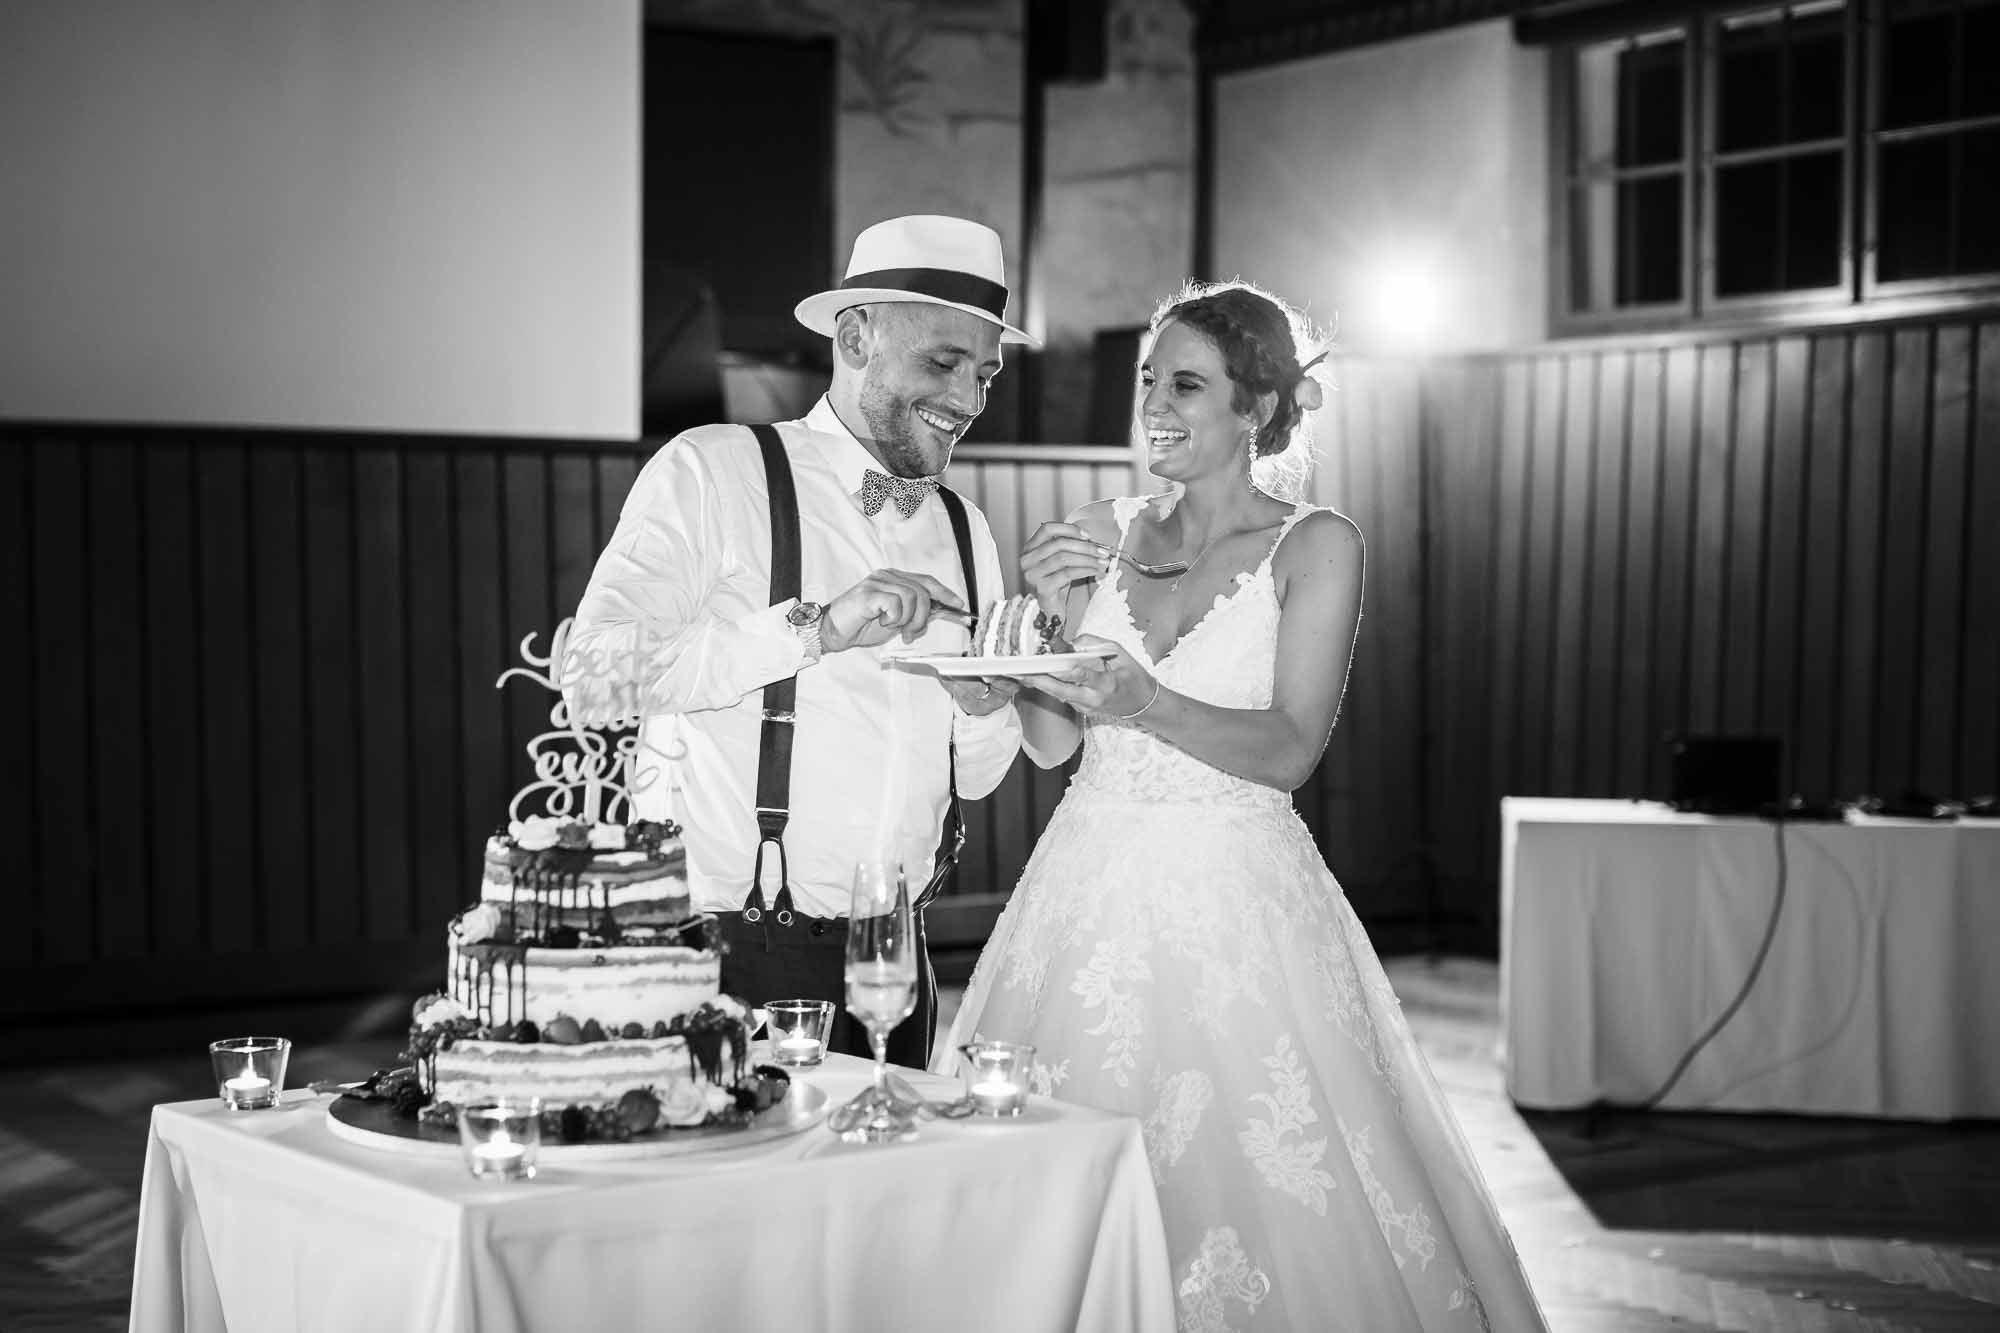 Brautpaar isst Hochzeitstorte nach Anschnitt